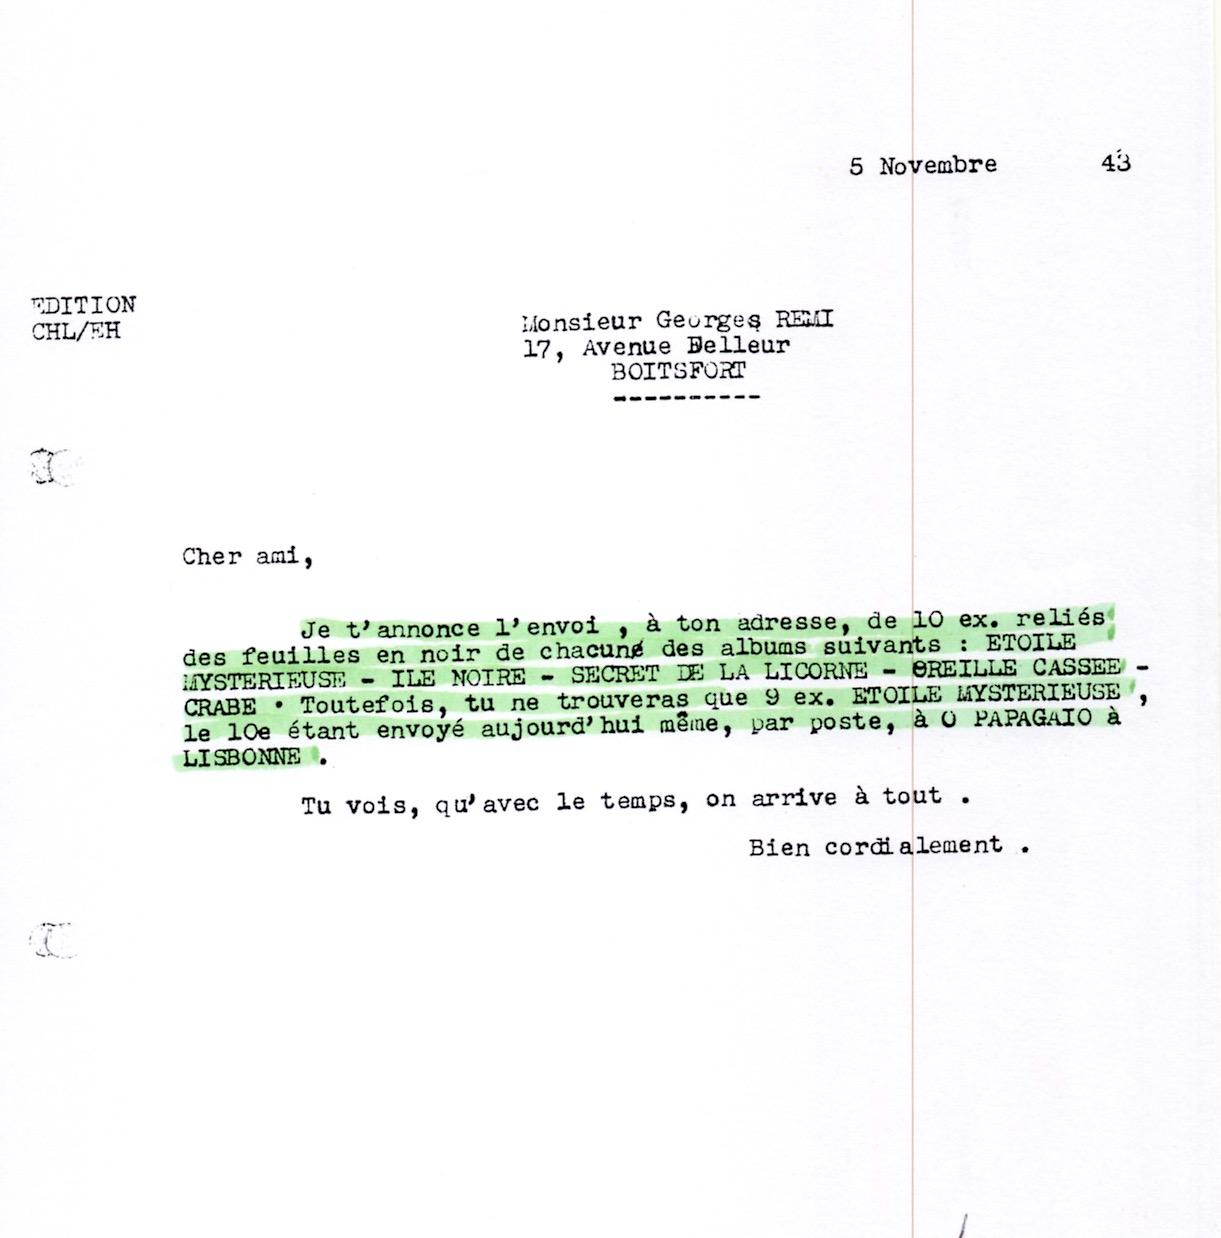 Courrier de Lesne à Hergé du 5 novembre 1943 annonçant l'envoi des albums en 10 ex. chacun.